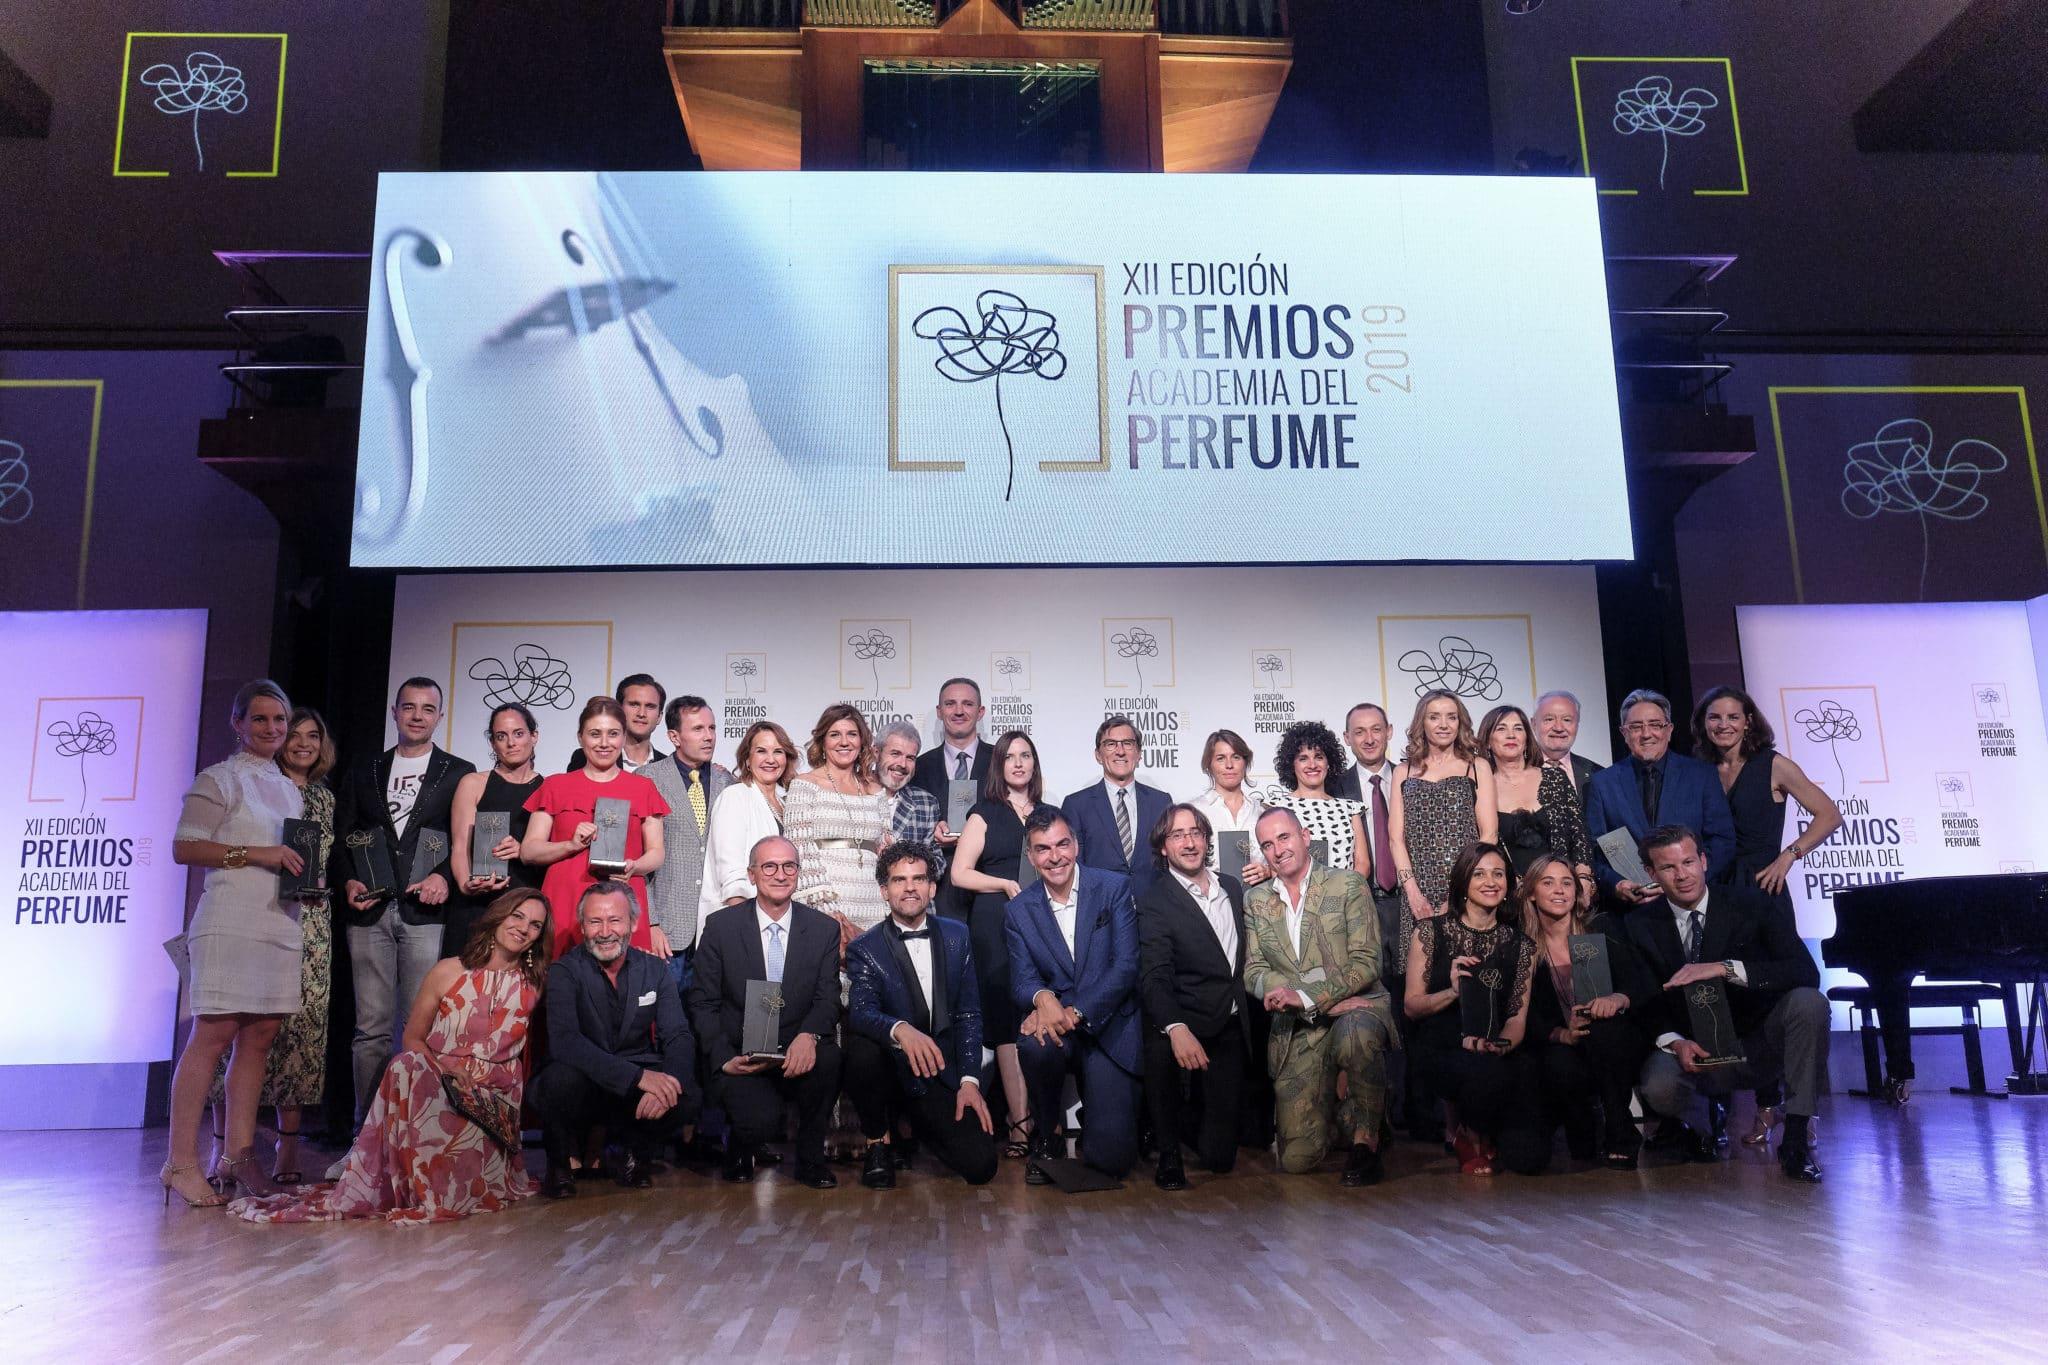 La Academia del Perfume entrega sus Premios a los Mejores Perfumes del Año